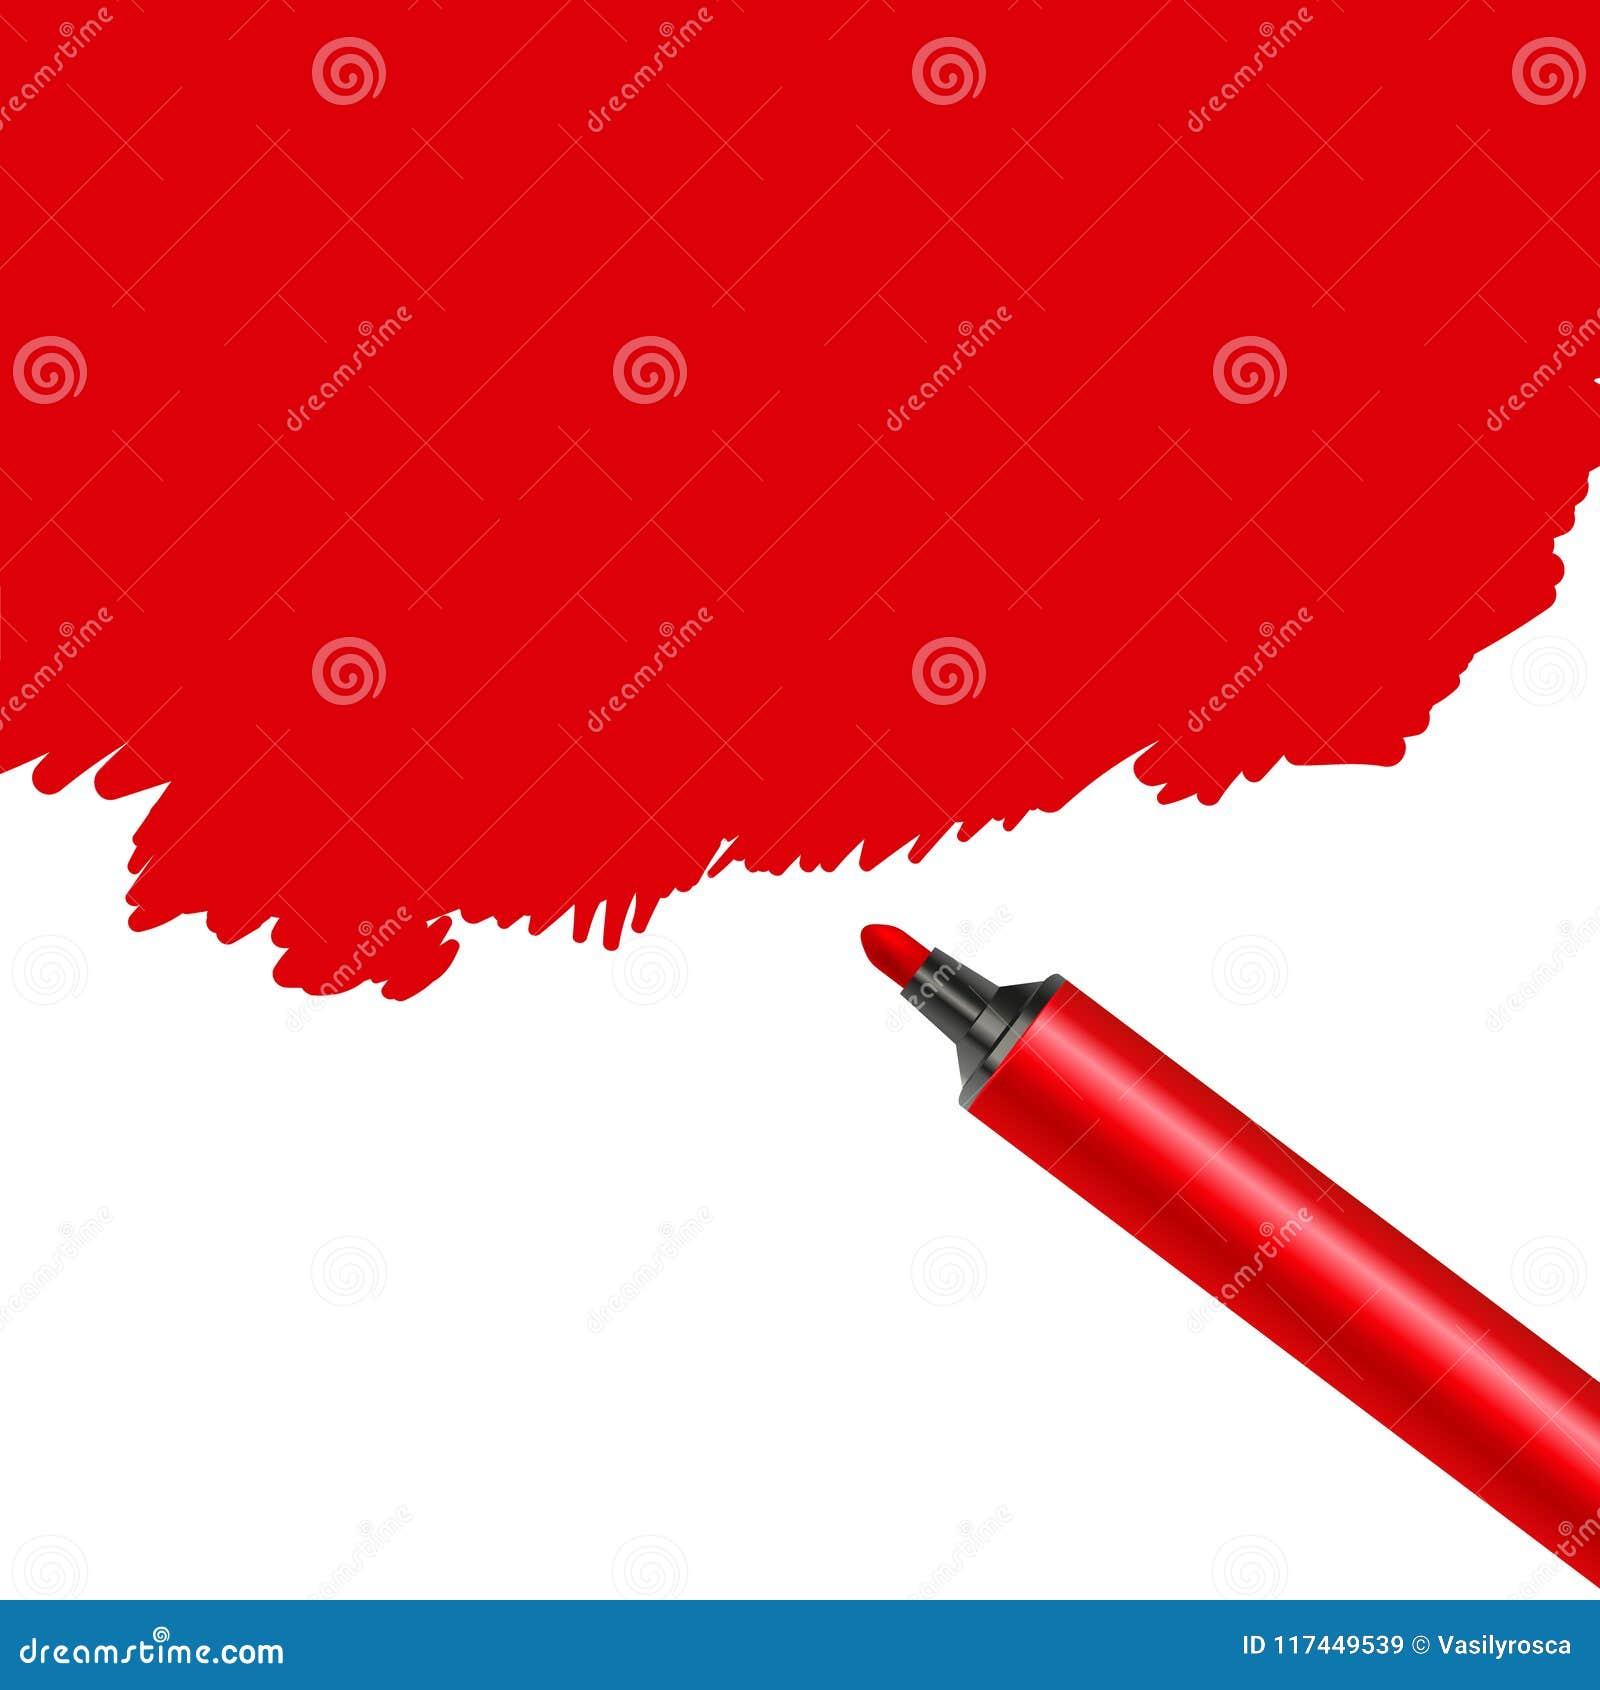 Röd fläck för markörpenna som isoleras på en vit bakgrund Klottra konstnärligt konstverk för fläck